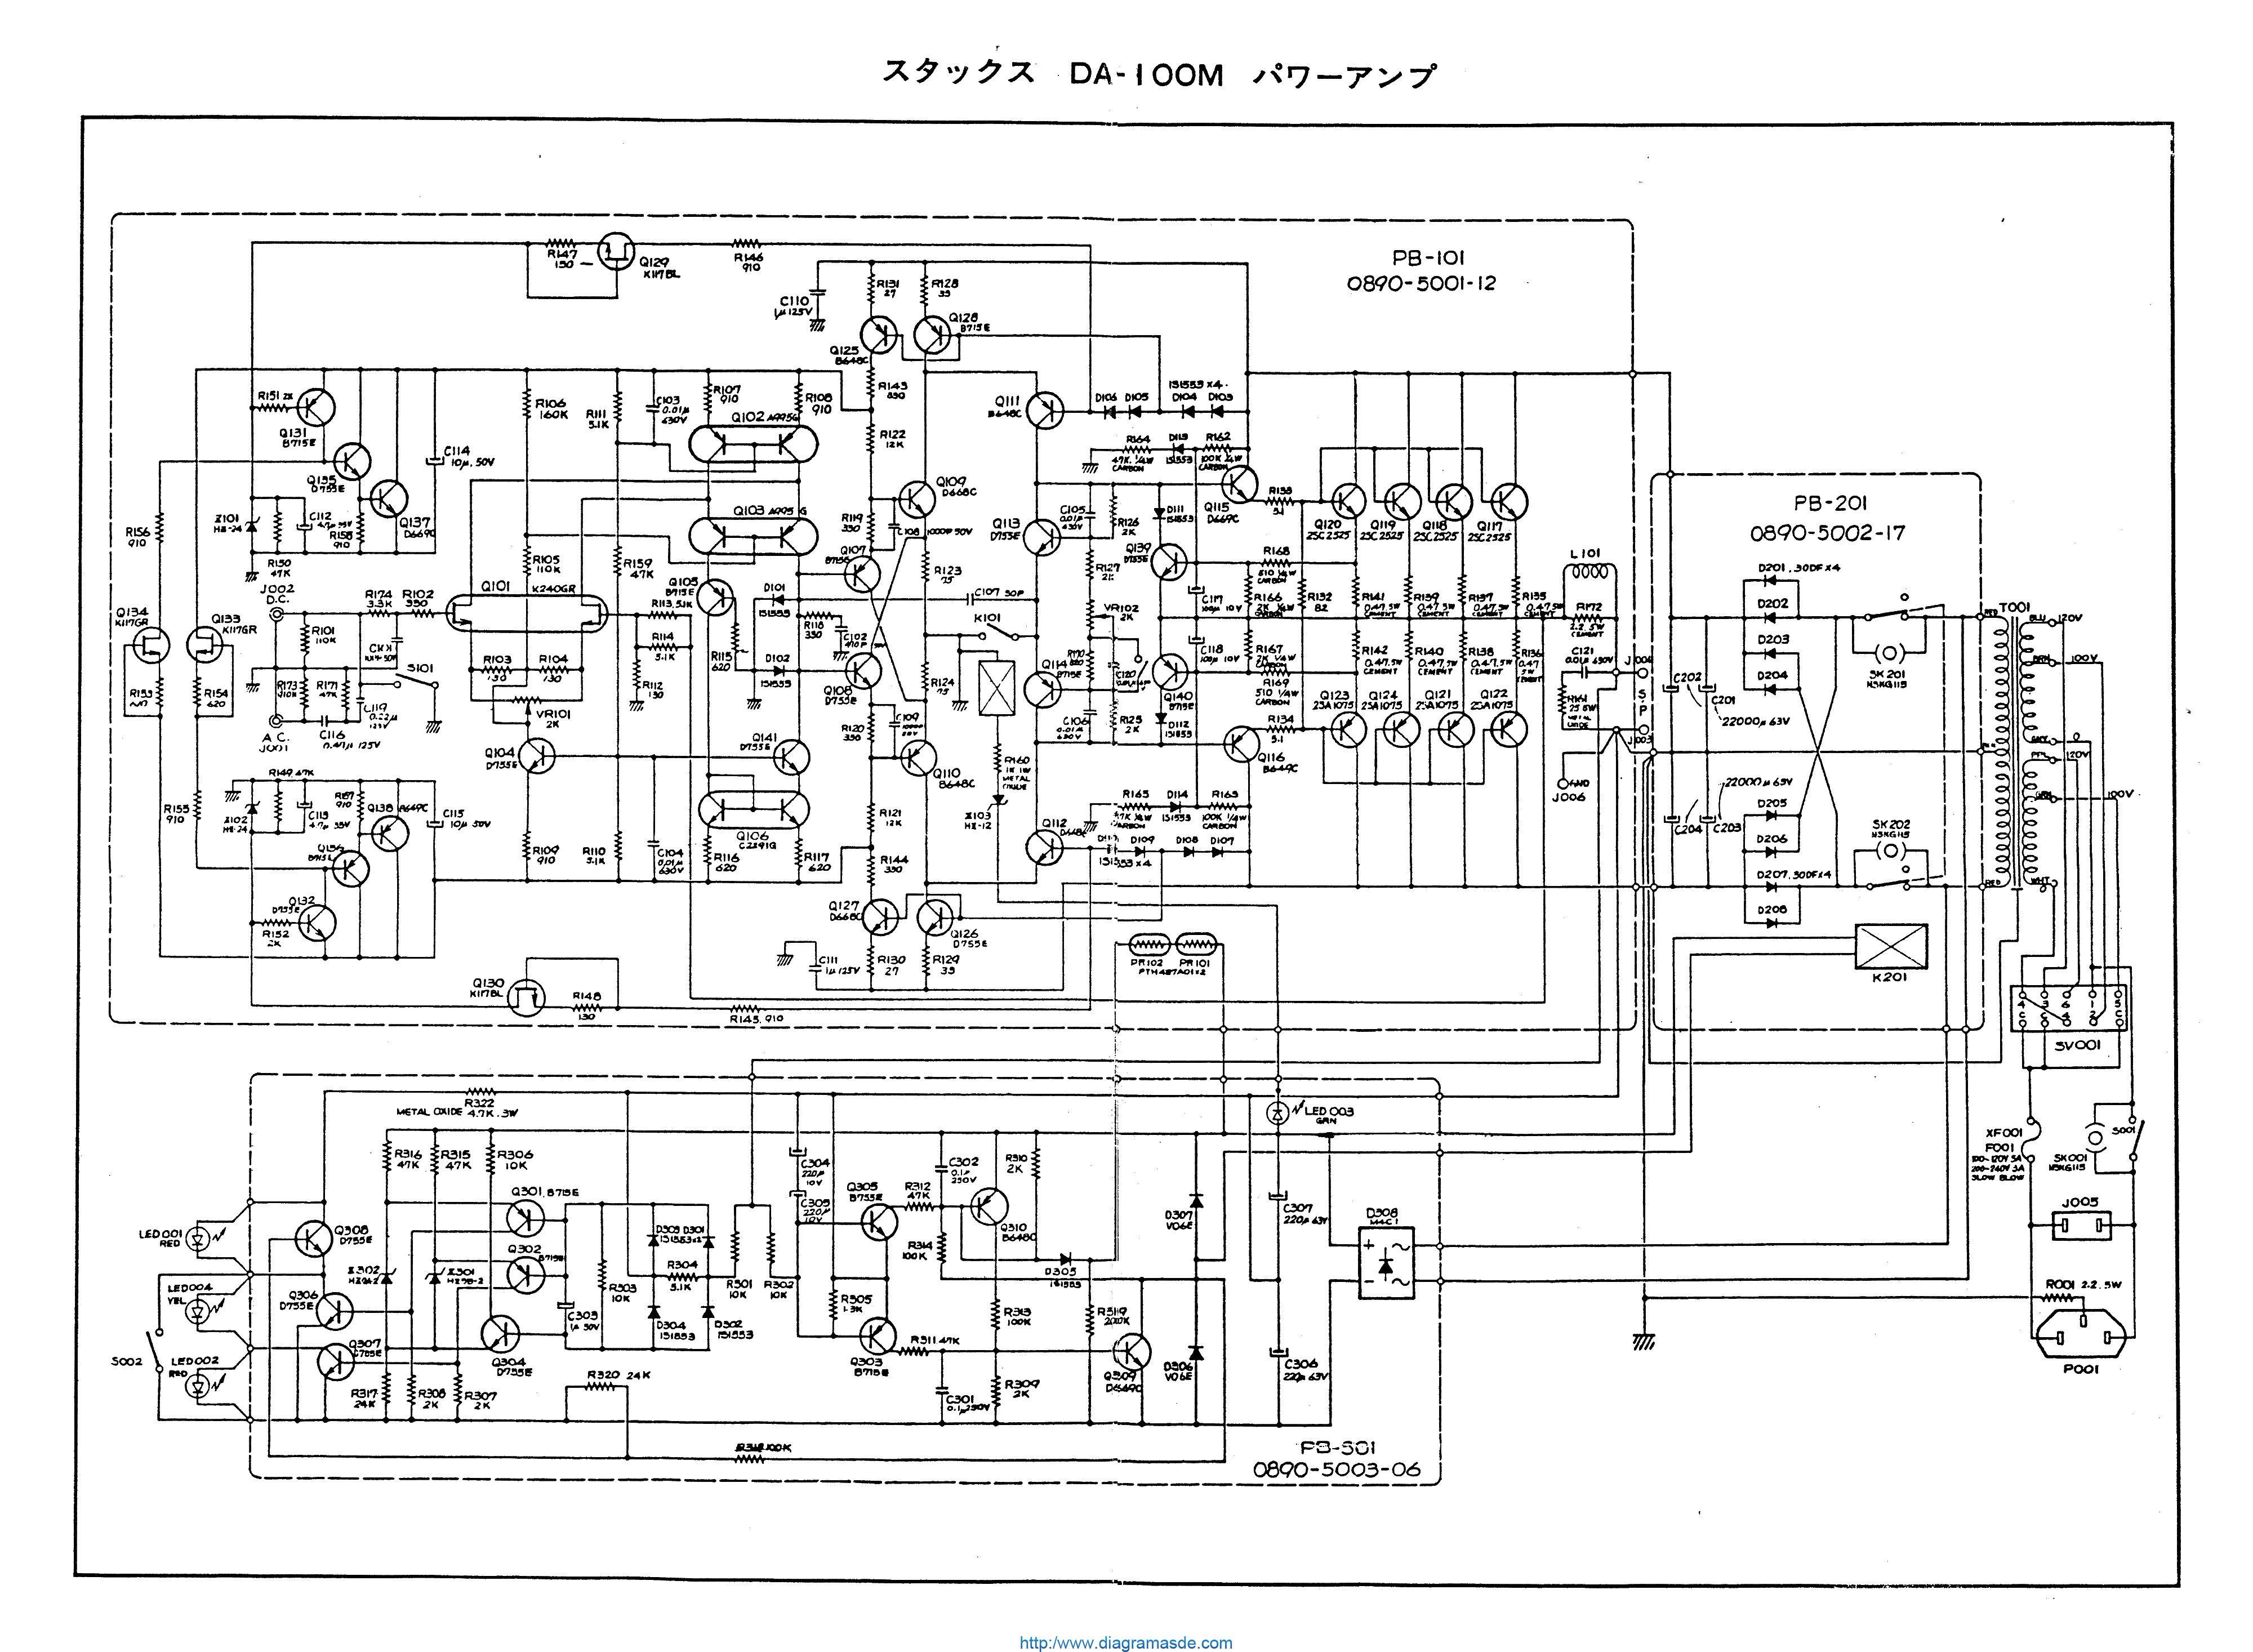 Stax DA-100M.pdf